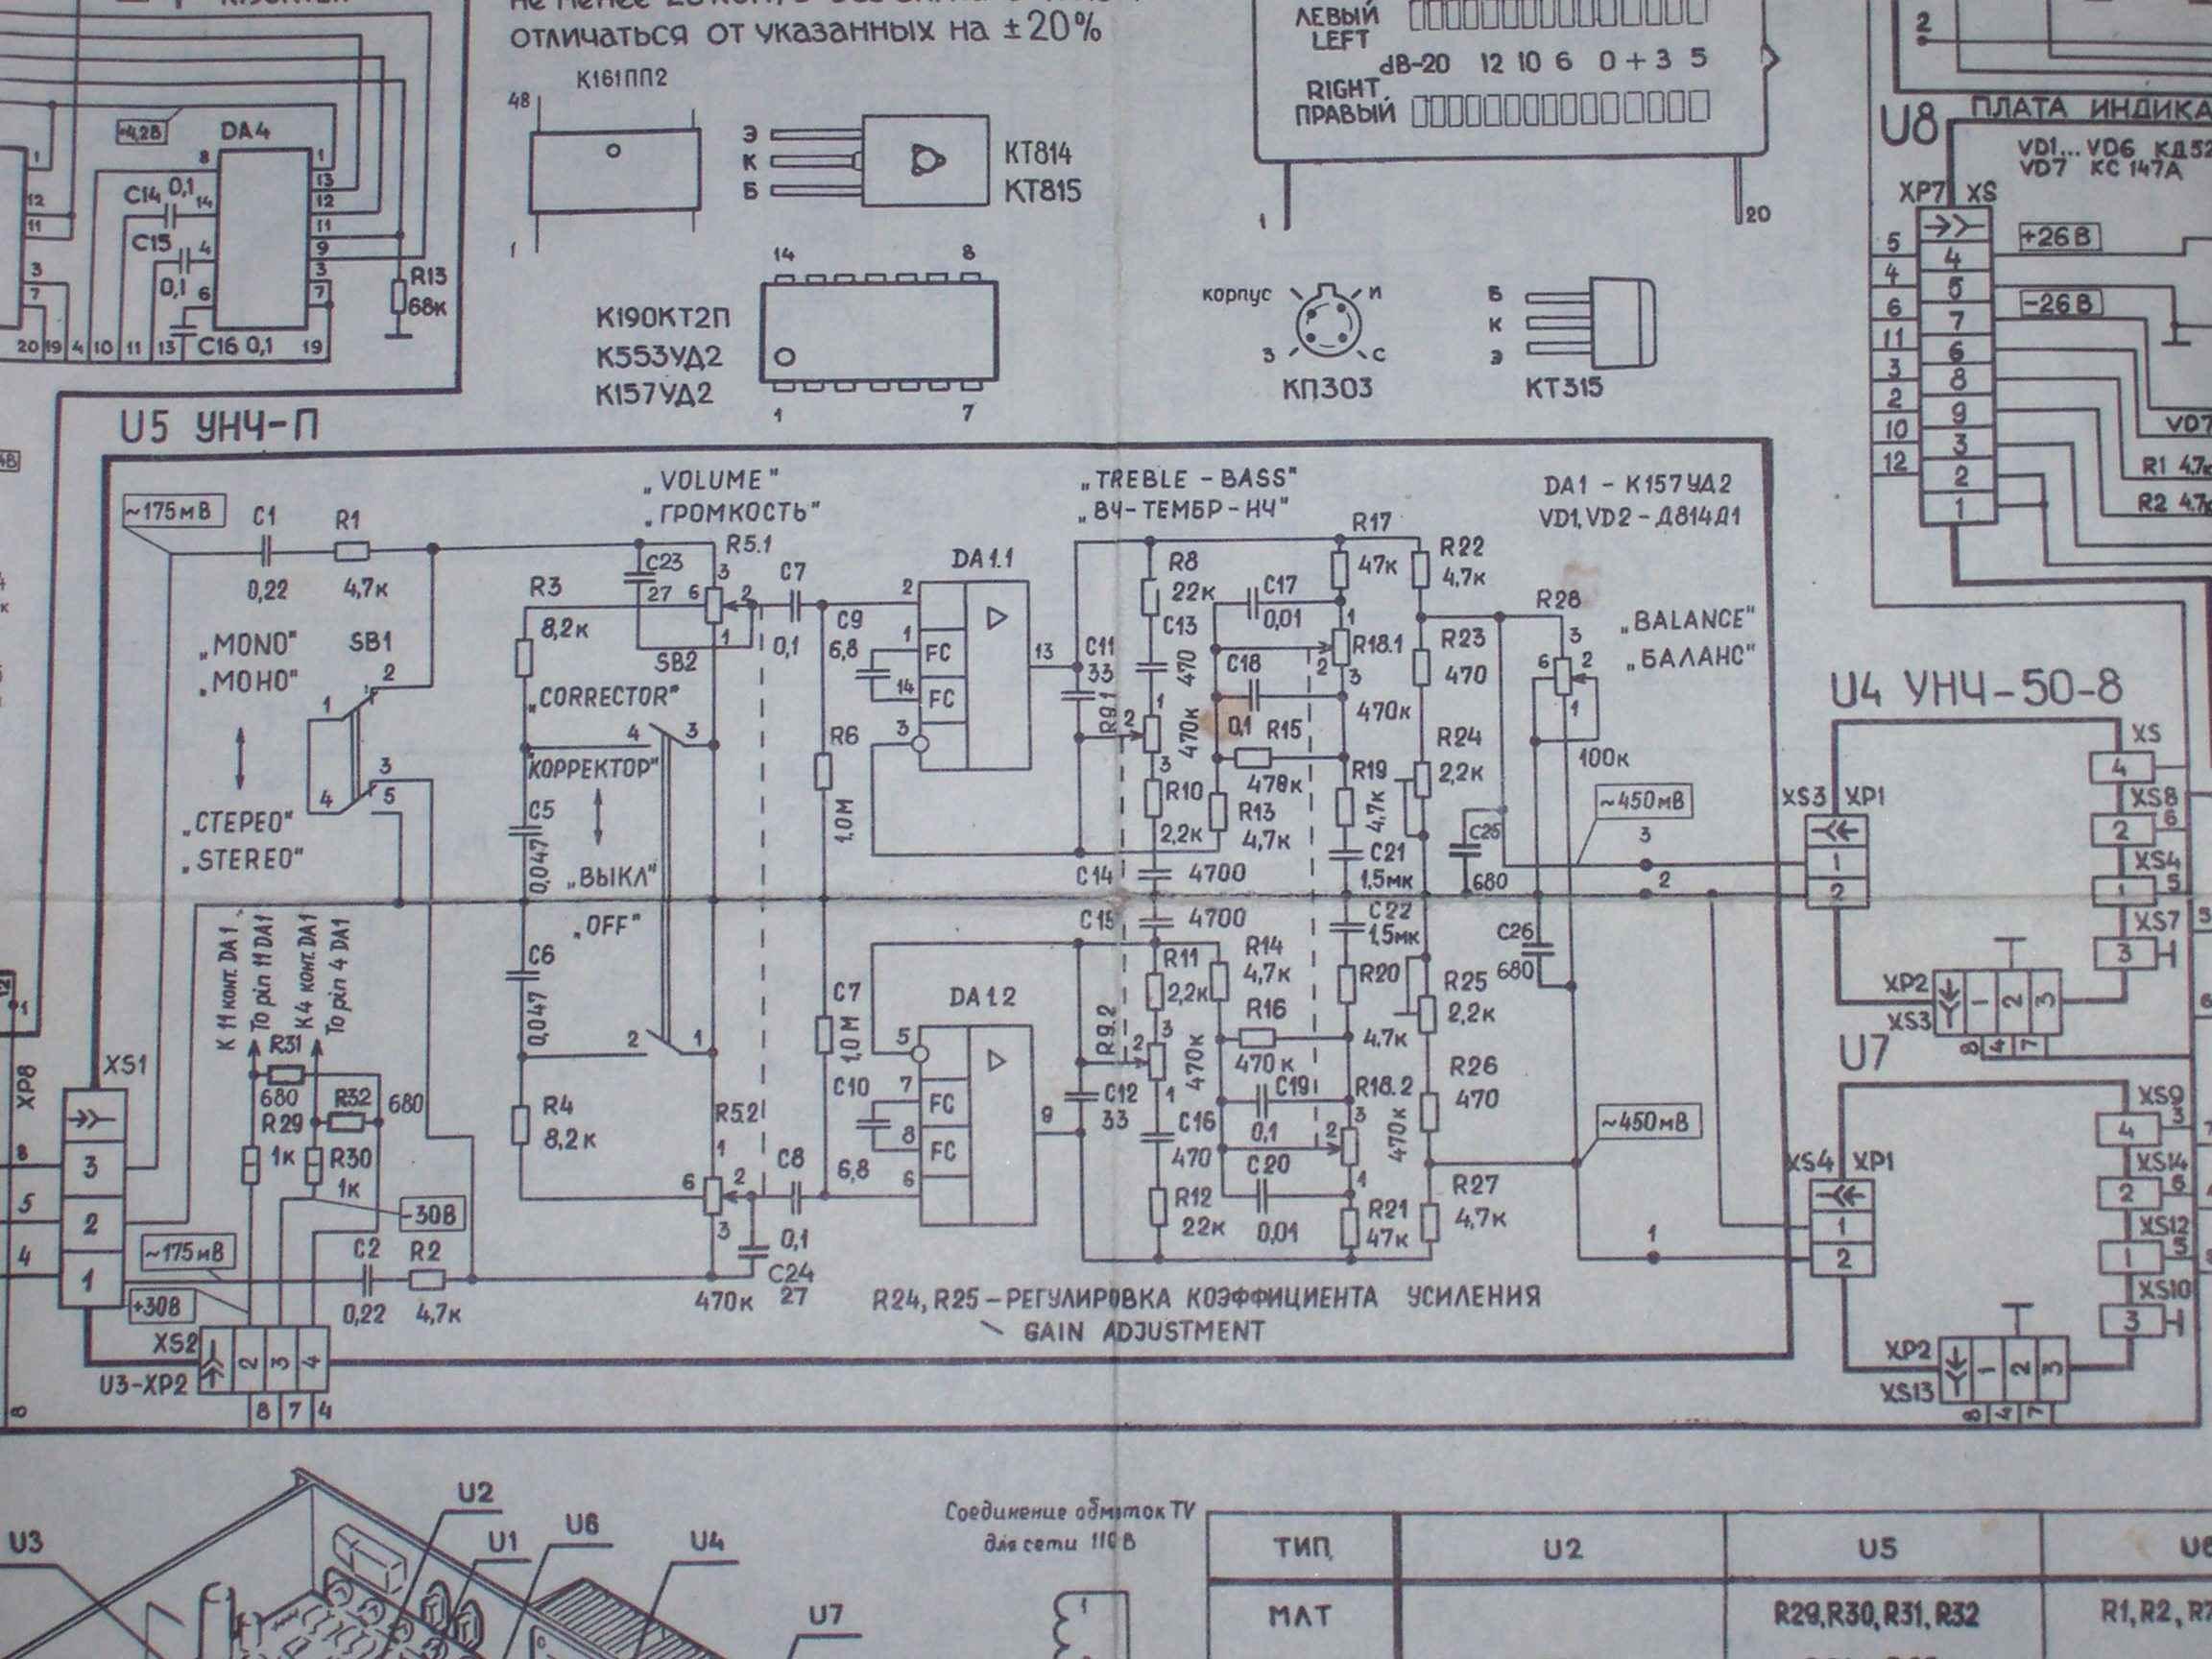 усилитель радиотехника у-101 руководство по эксплуатации